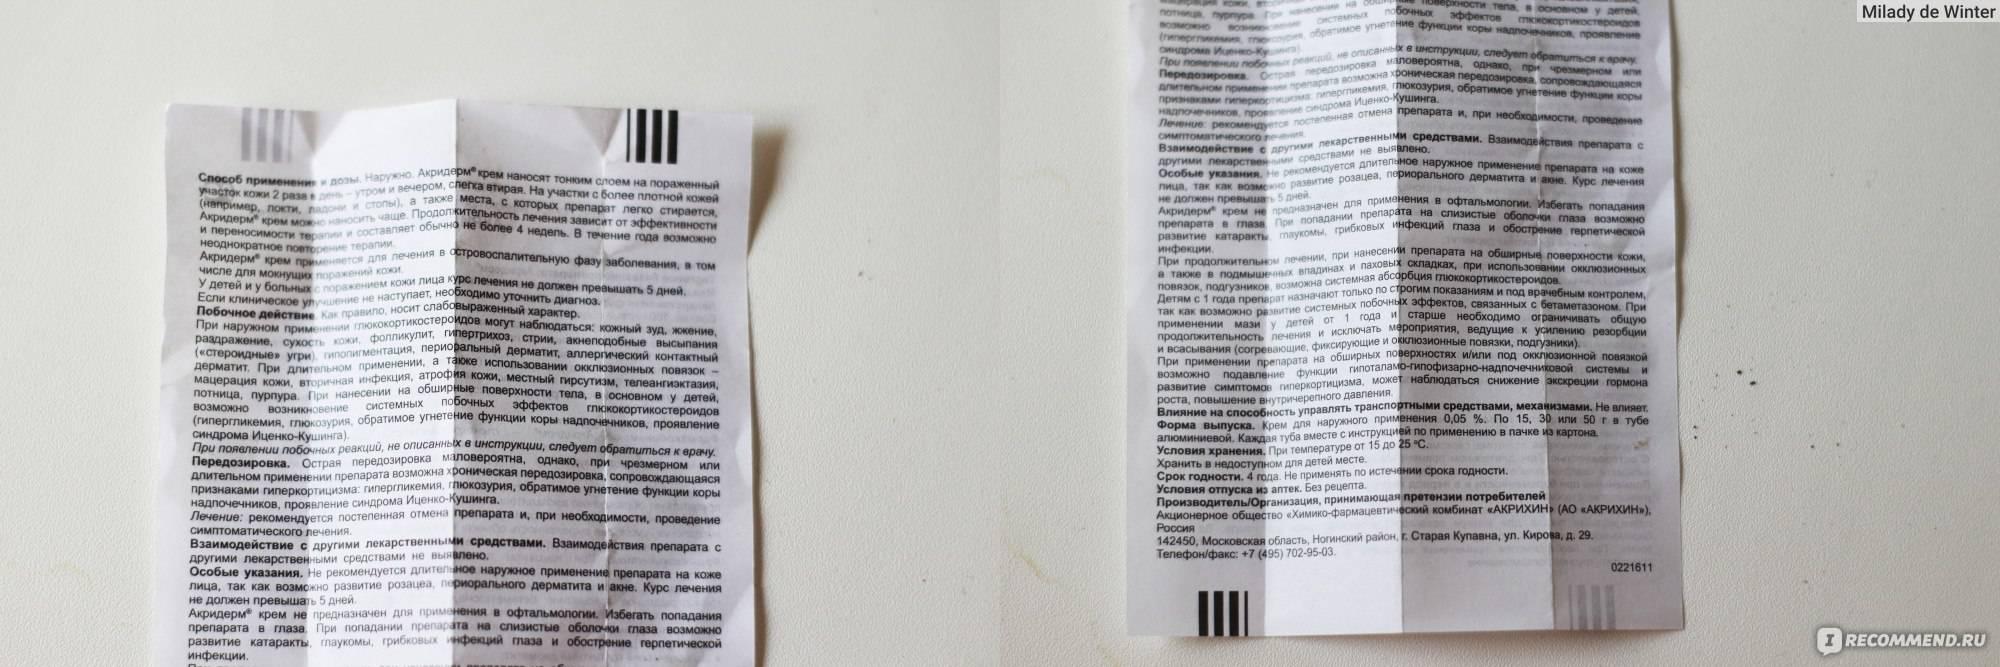 «акридерм» при беременности: инструкция по применению крема и мази, особенности «акридерма гк», применение на ранних сроках, противопоказания и обзор отзывов